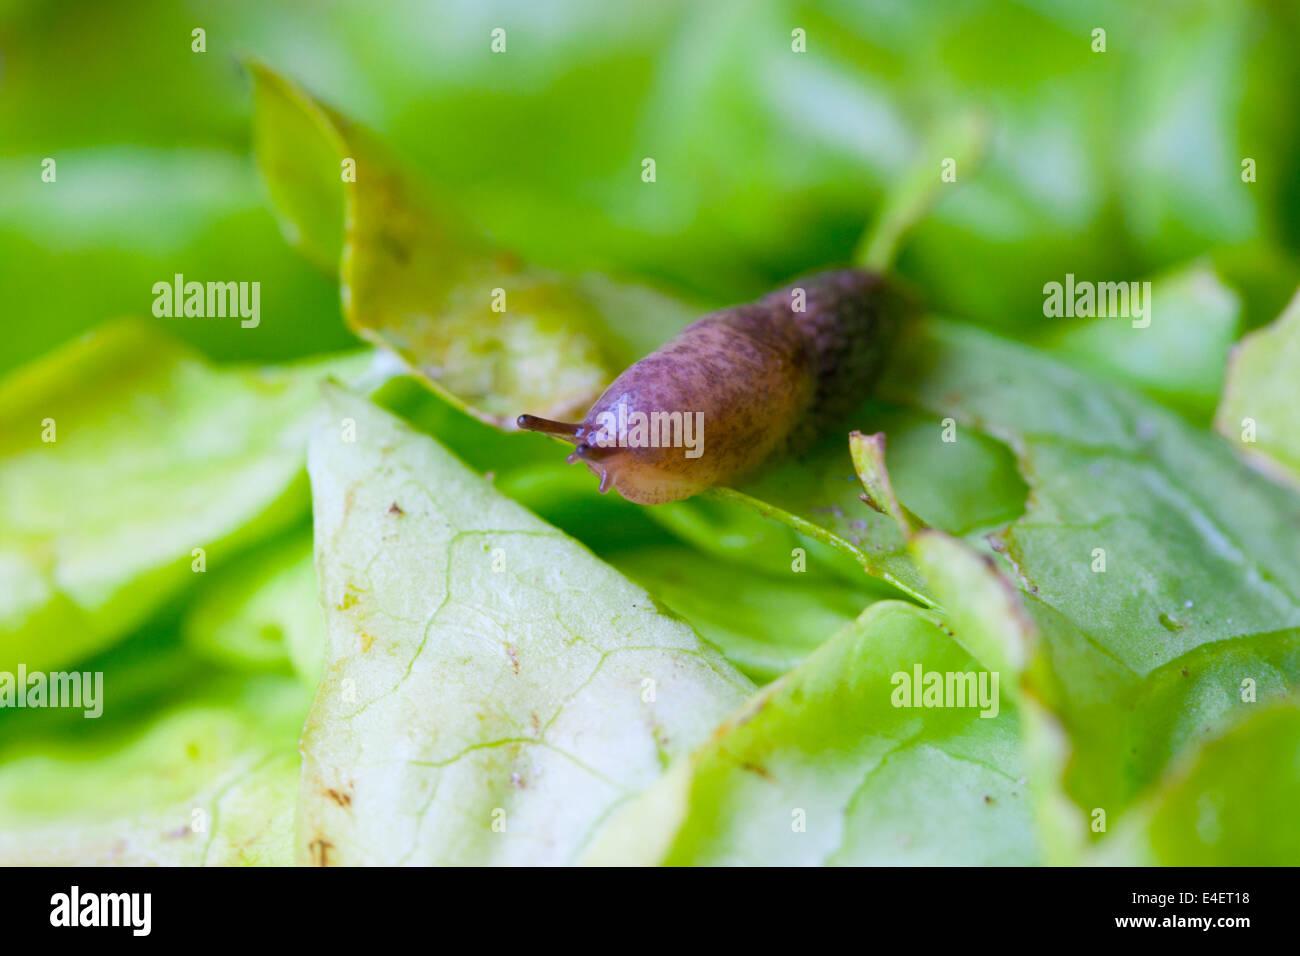 Nacktschnecke auf einem Salatblatt Stock Photo